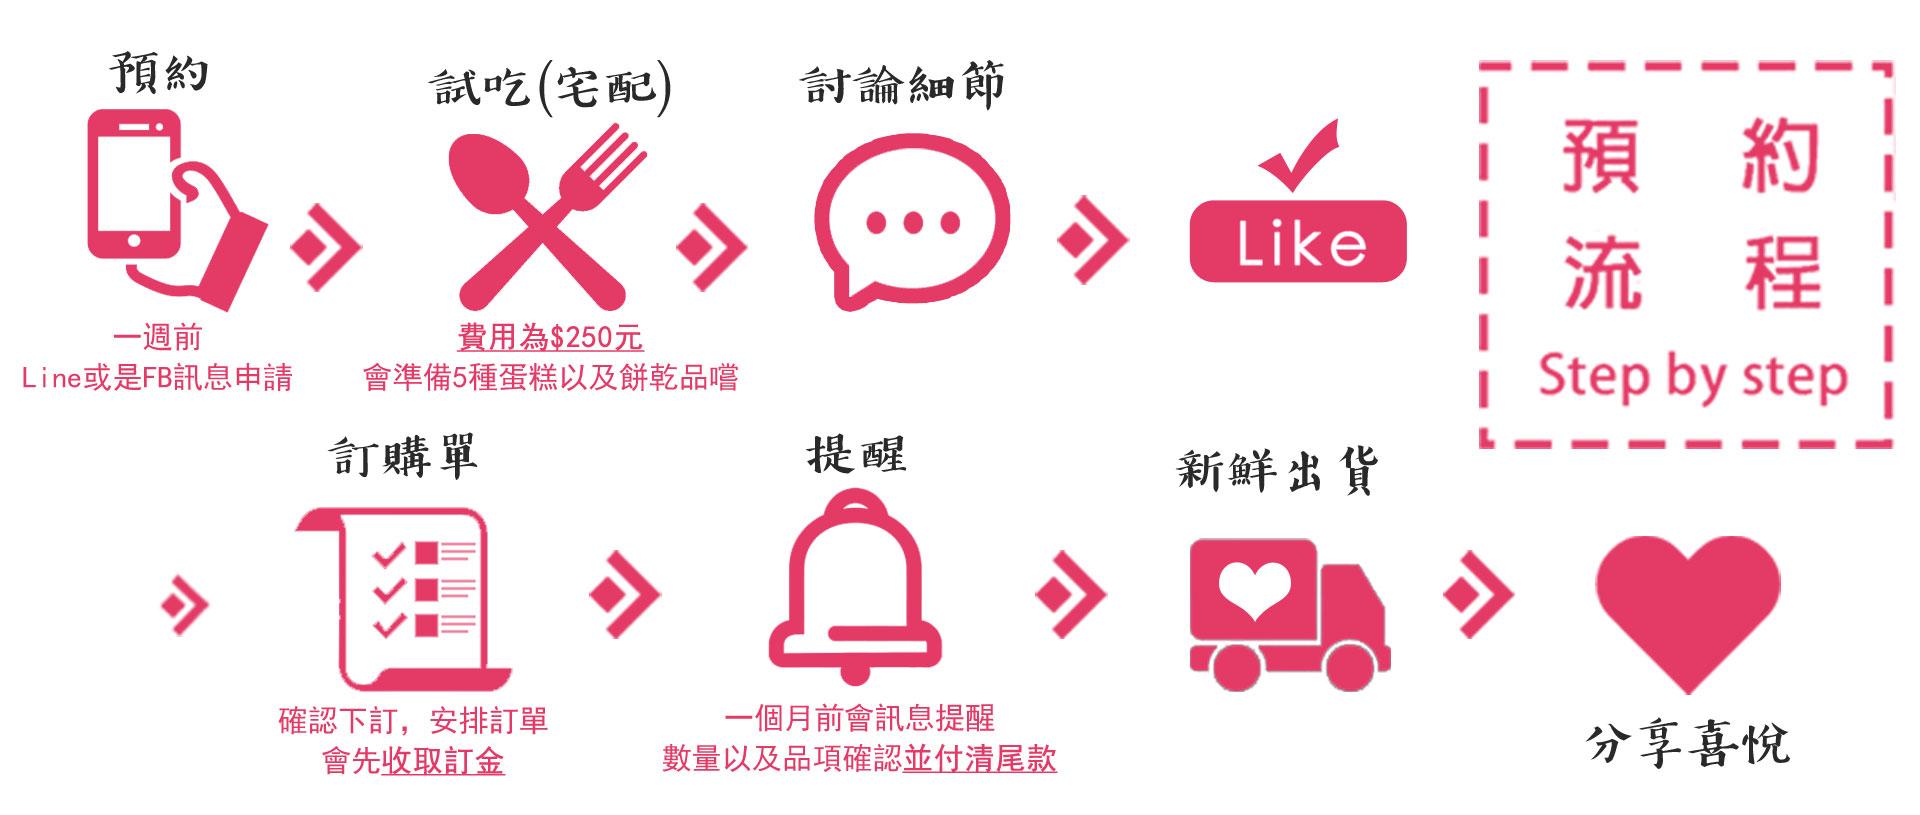 預約流程,純手工客製化的喜餅禮盒, 帶有台灣本土素材的發想,新人首選客制化手工喜餅